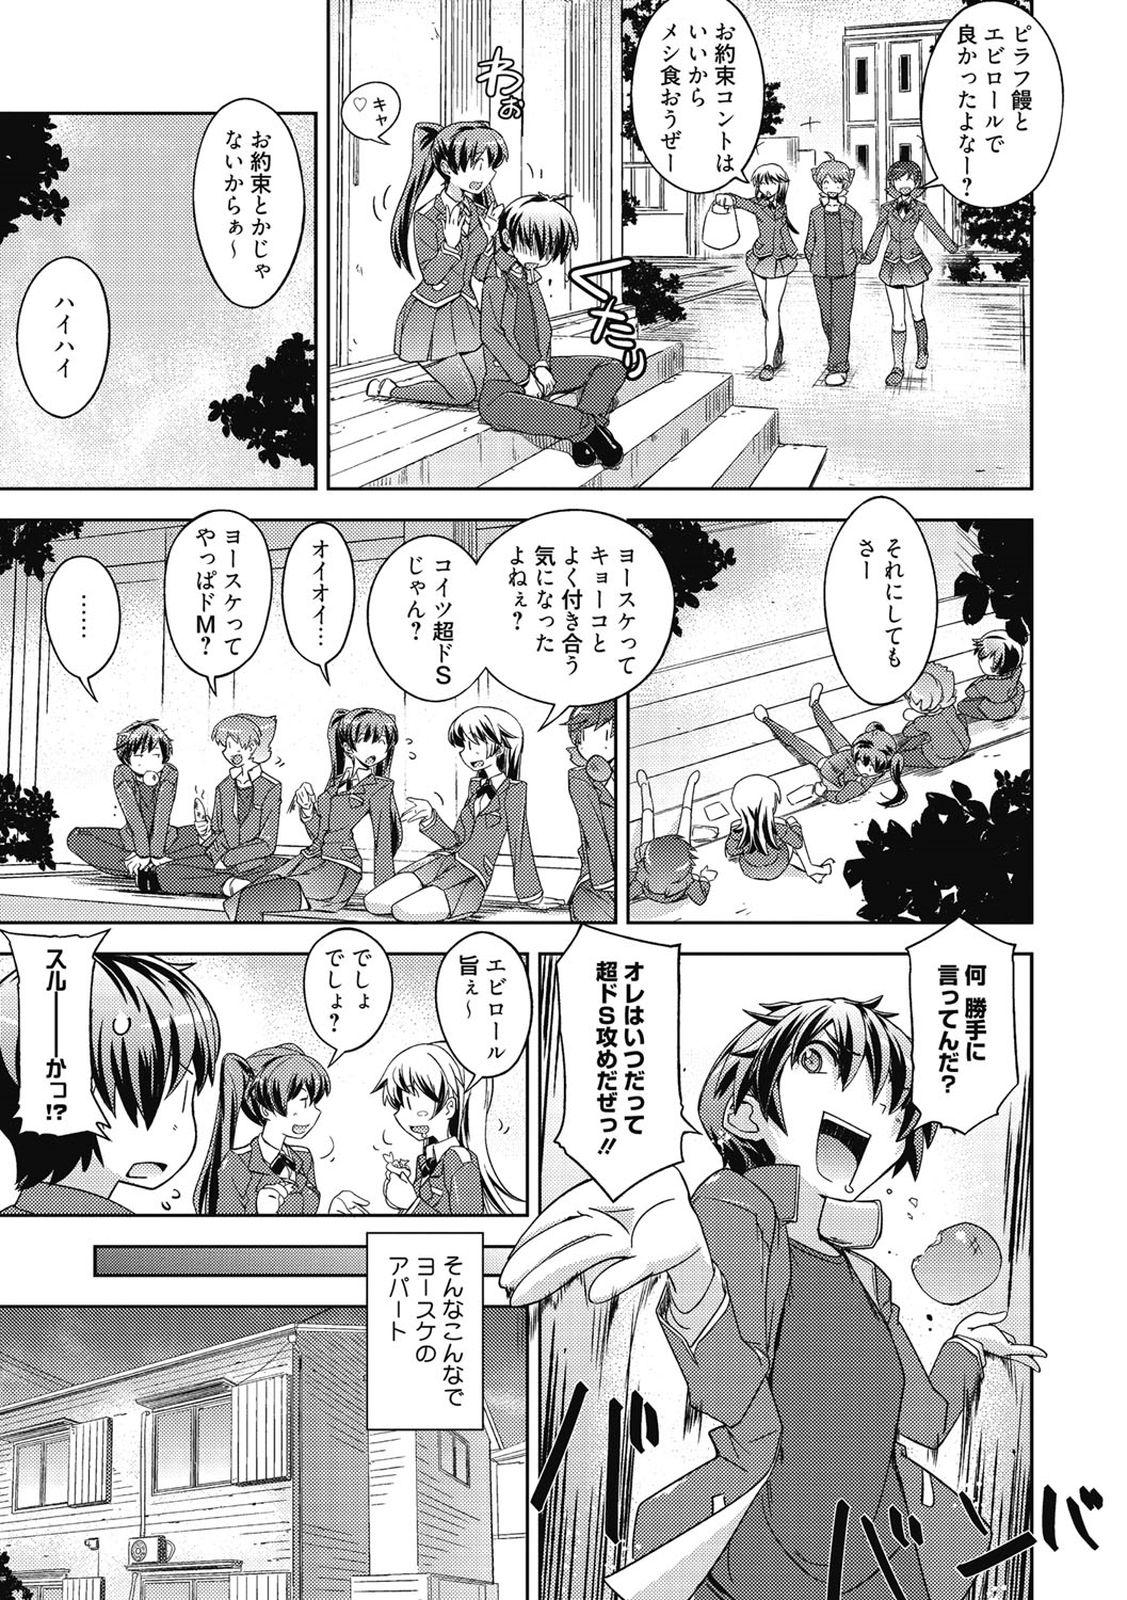 【エロ漫画】自称ドSな彼氏を責める!仲良し学生カップルがいちゃラブSMごっこwww